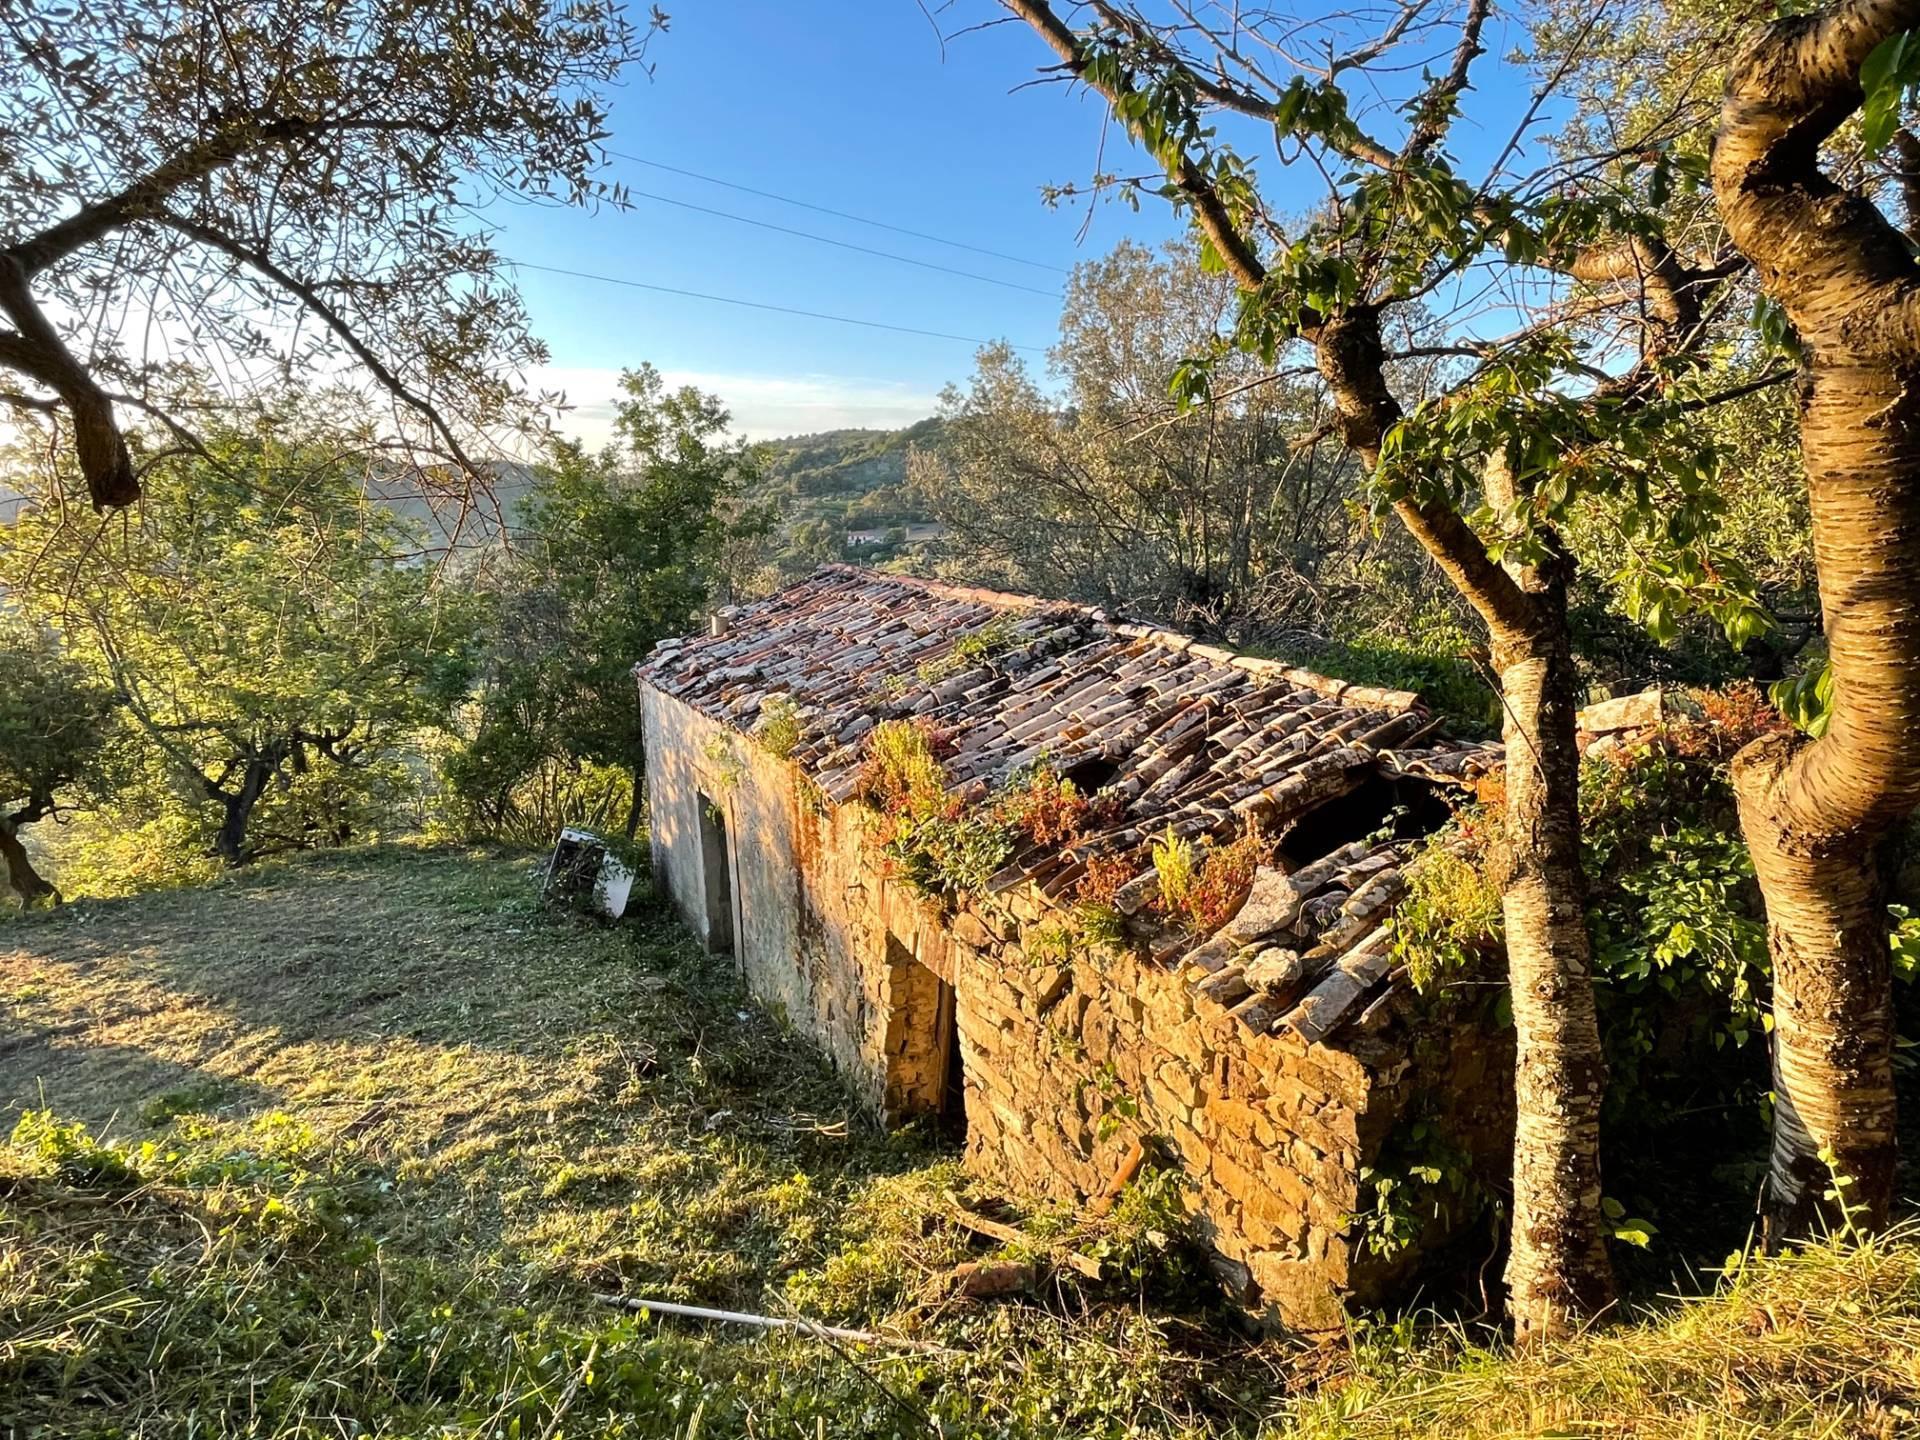 Rustico / Casale in vendita a Agropoli, 2 locali, prezzo € 58.000 | CambioCasa.it